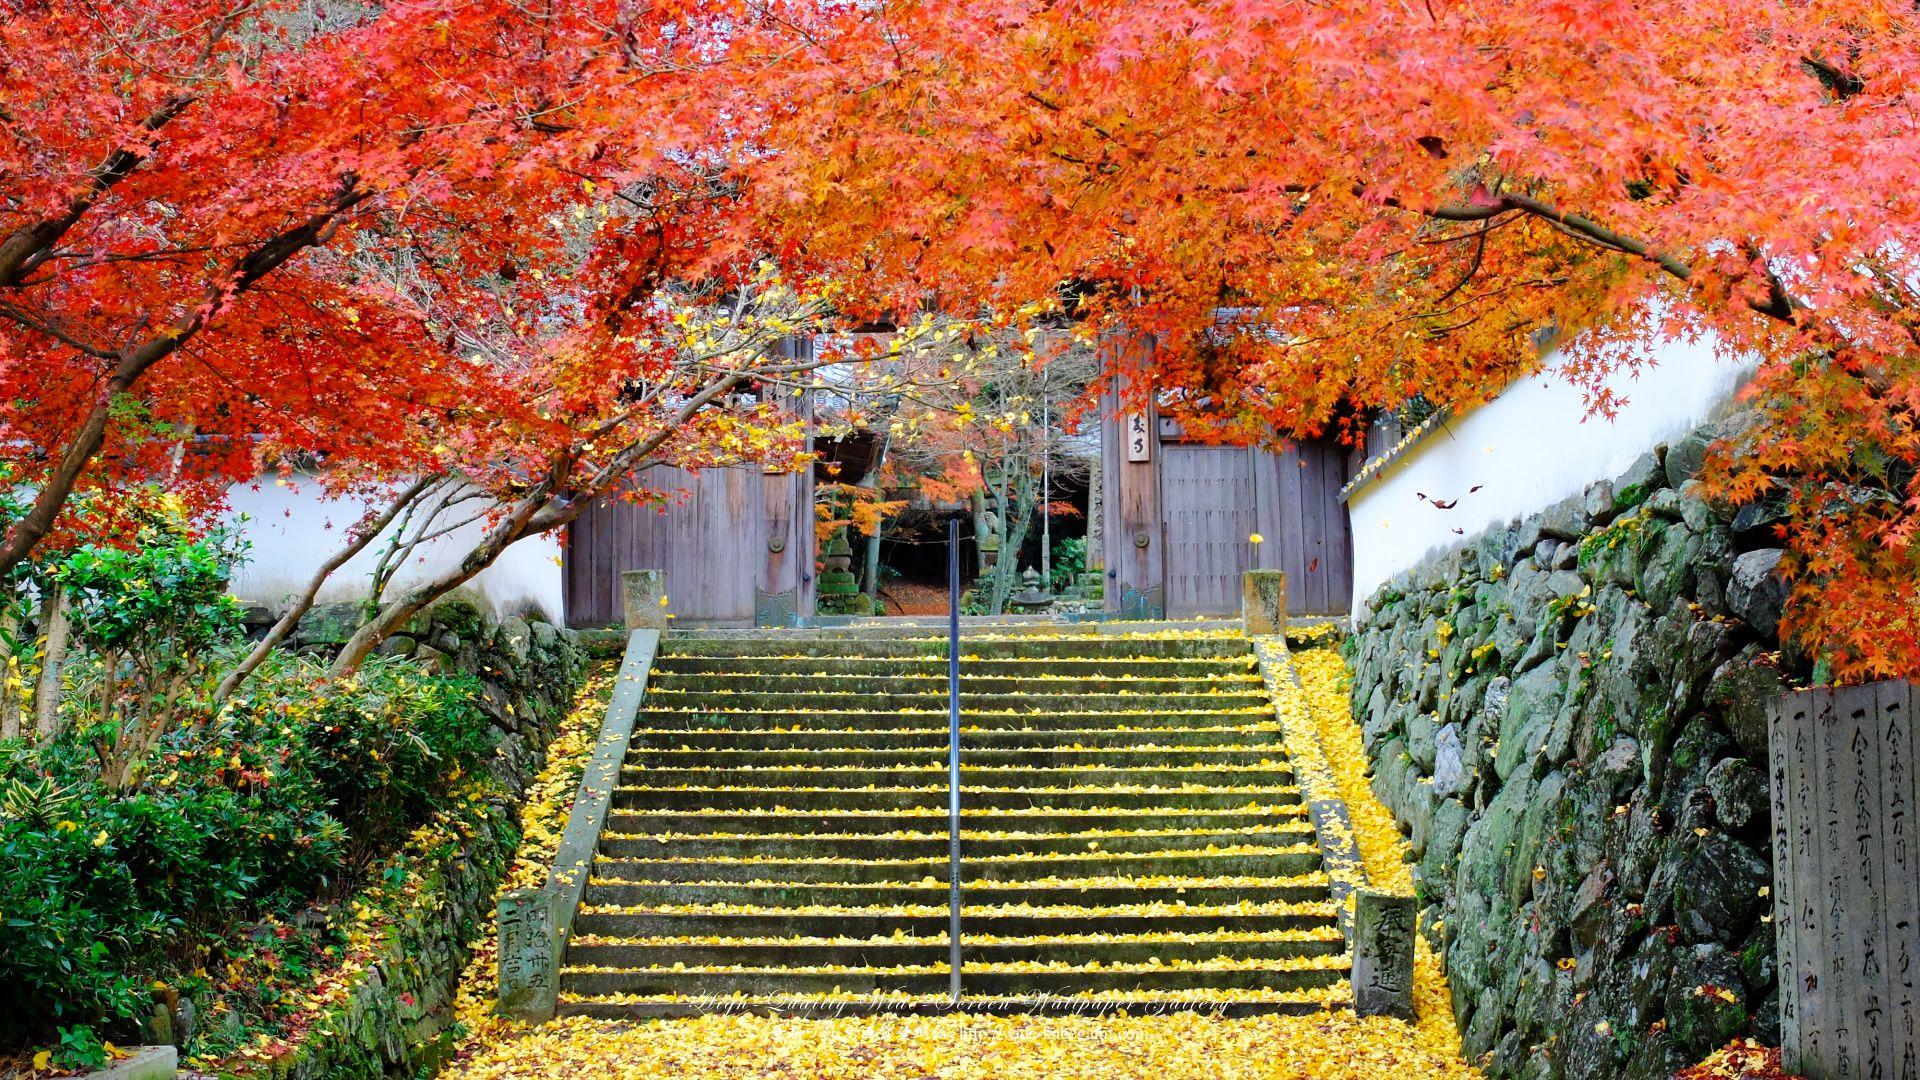 ワイド壁紙 19x1080 紅葉と黄葉 壁紙 高画質 壁紙 自然